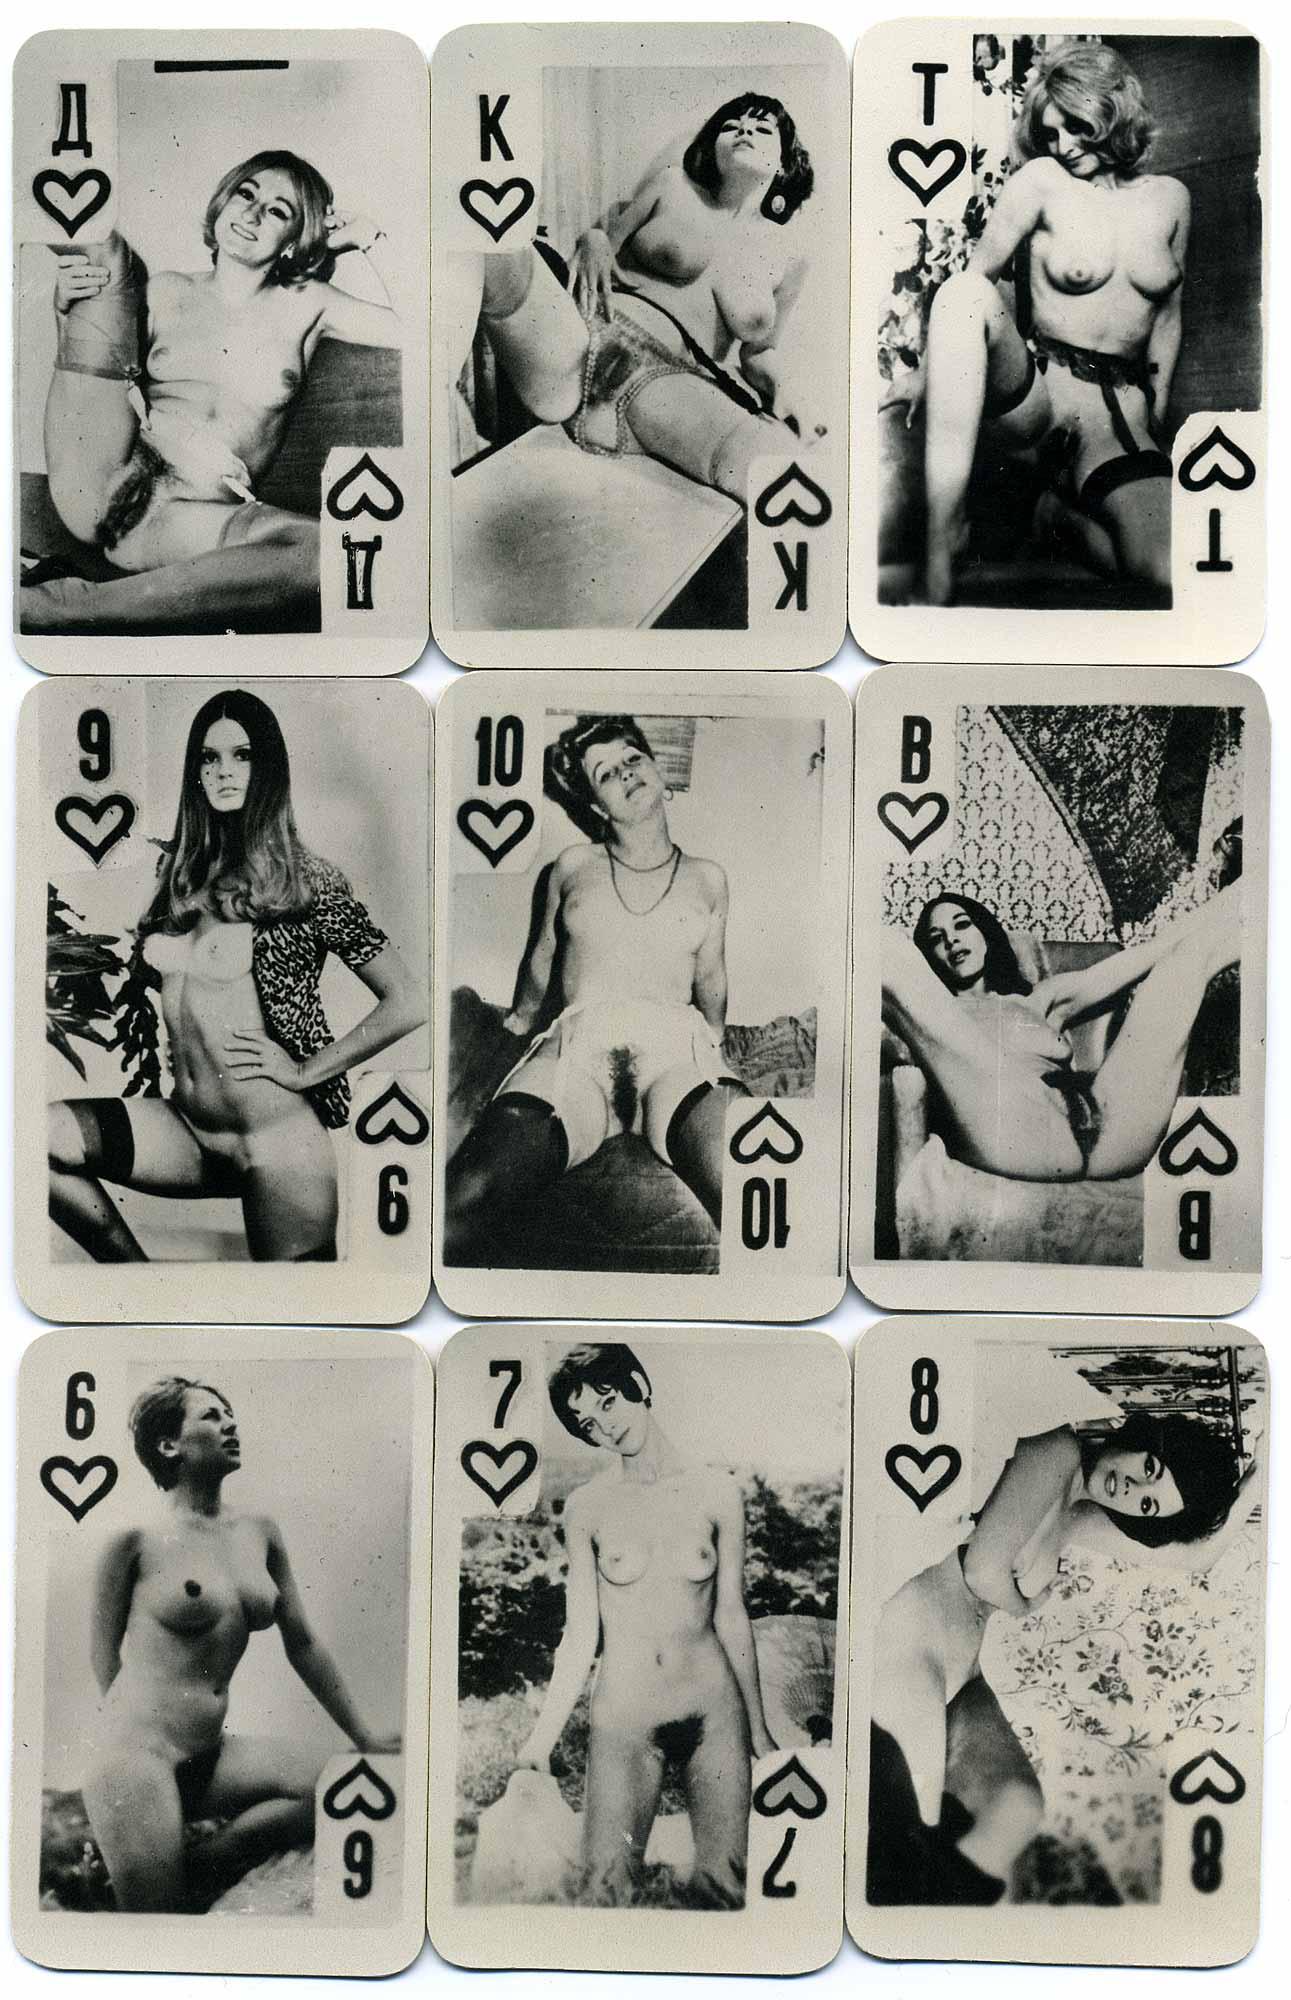 ласкает горячую карты с голыми женщинами женился